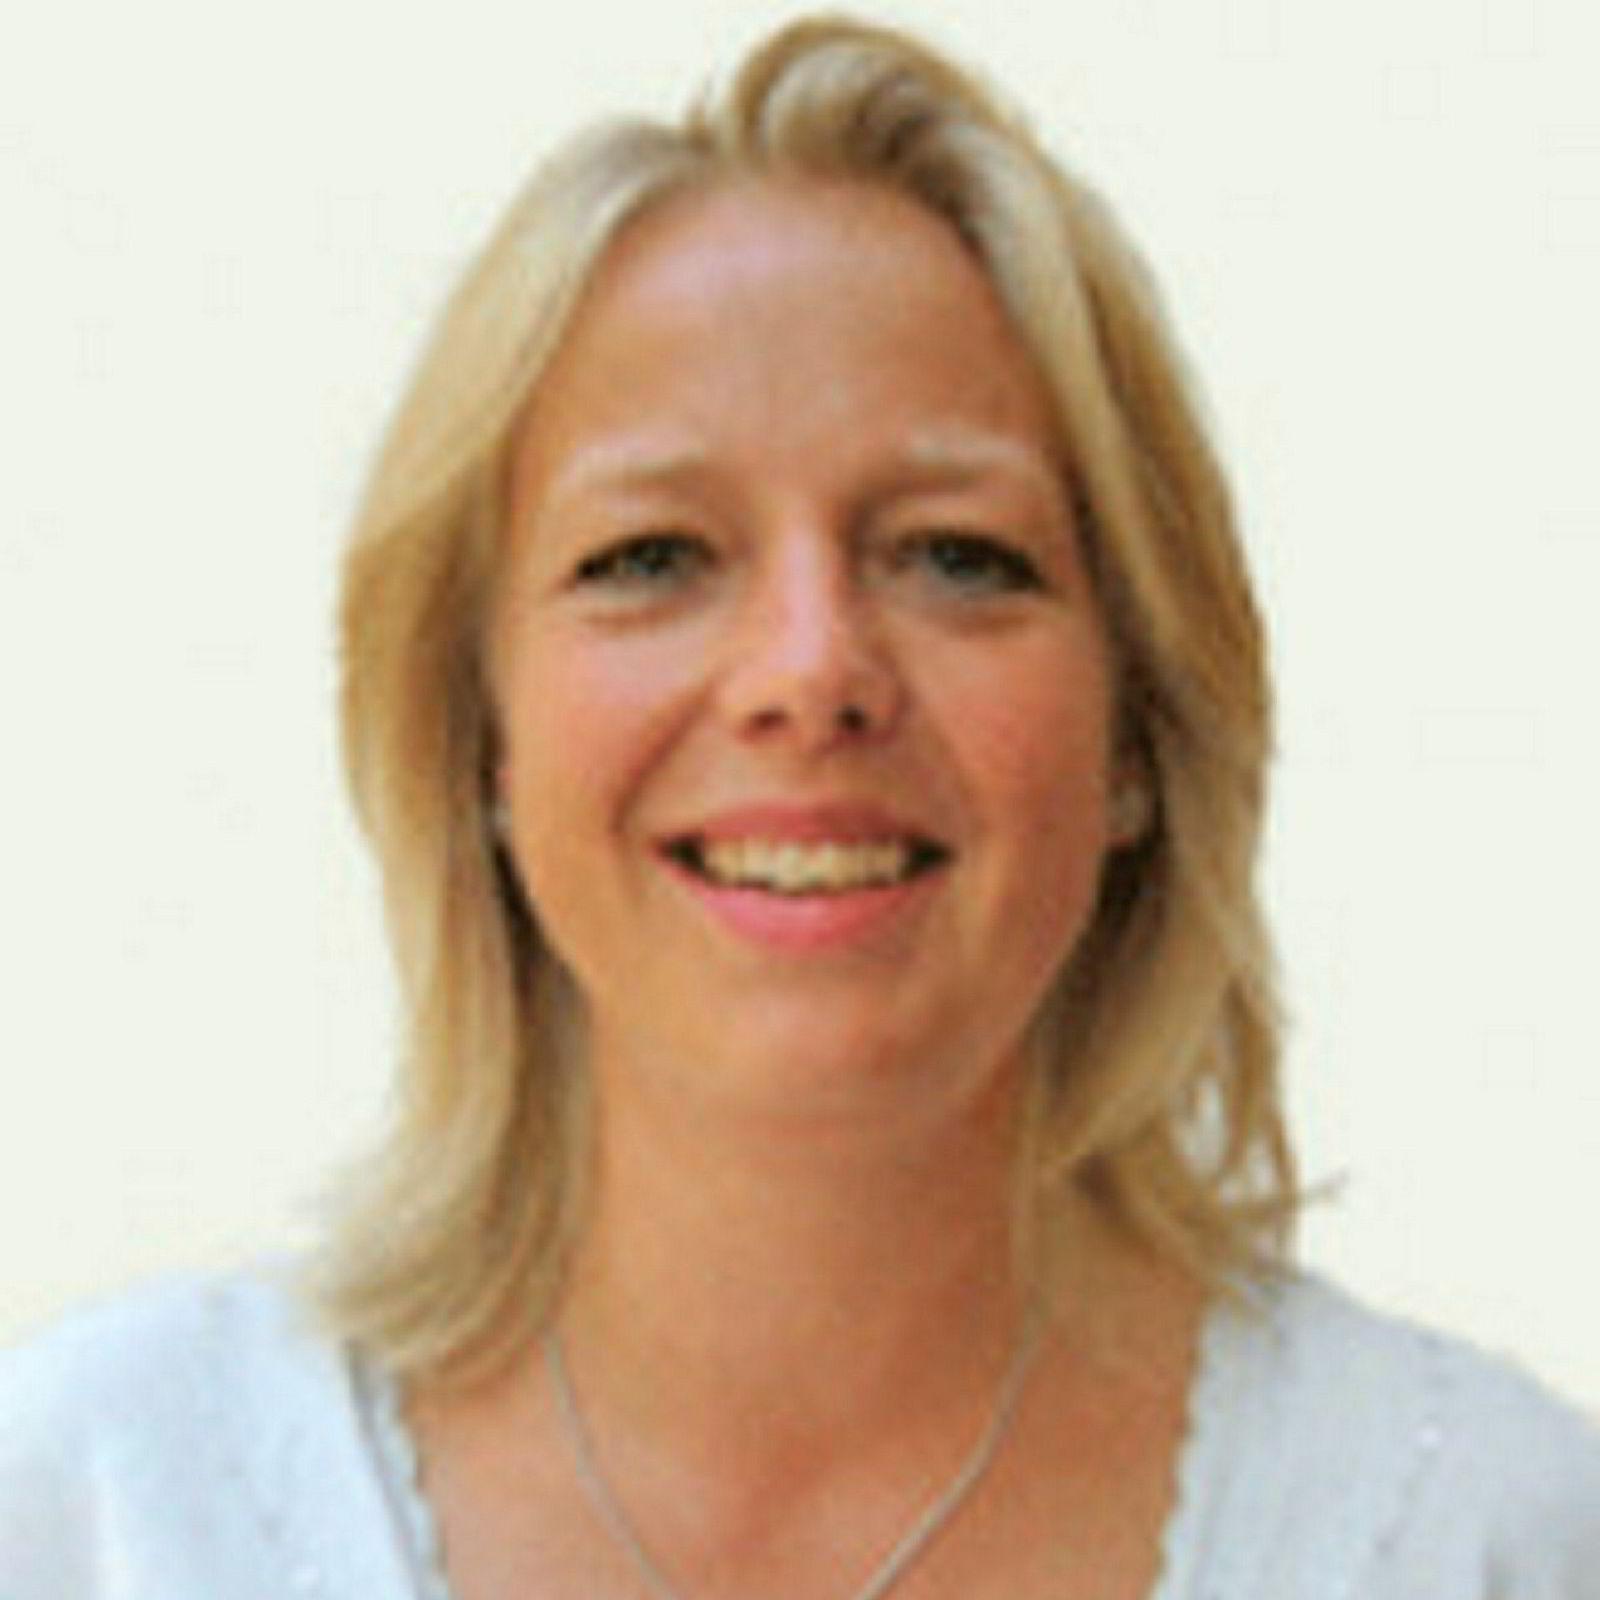 Kristin Ølberg er karriererådgiver i Econa.